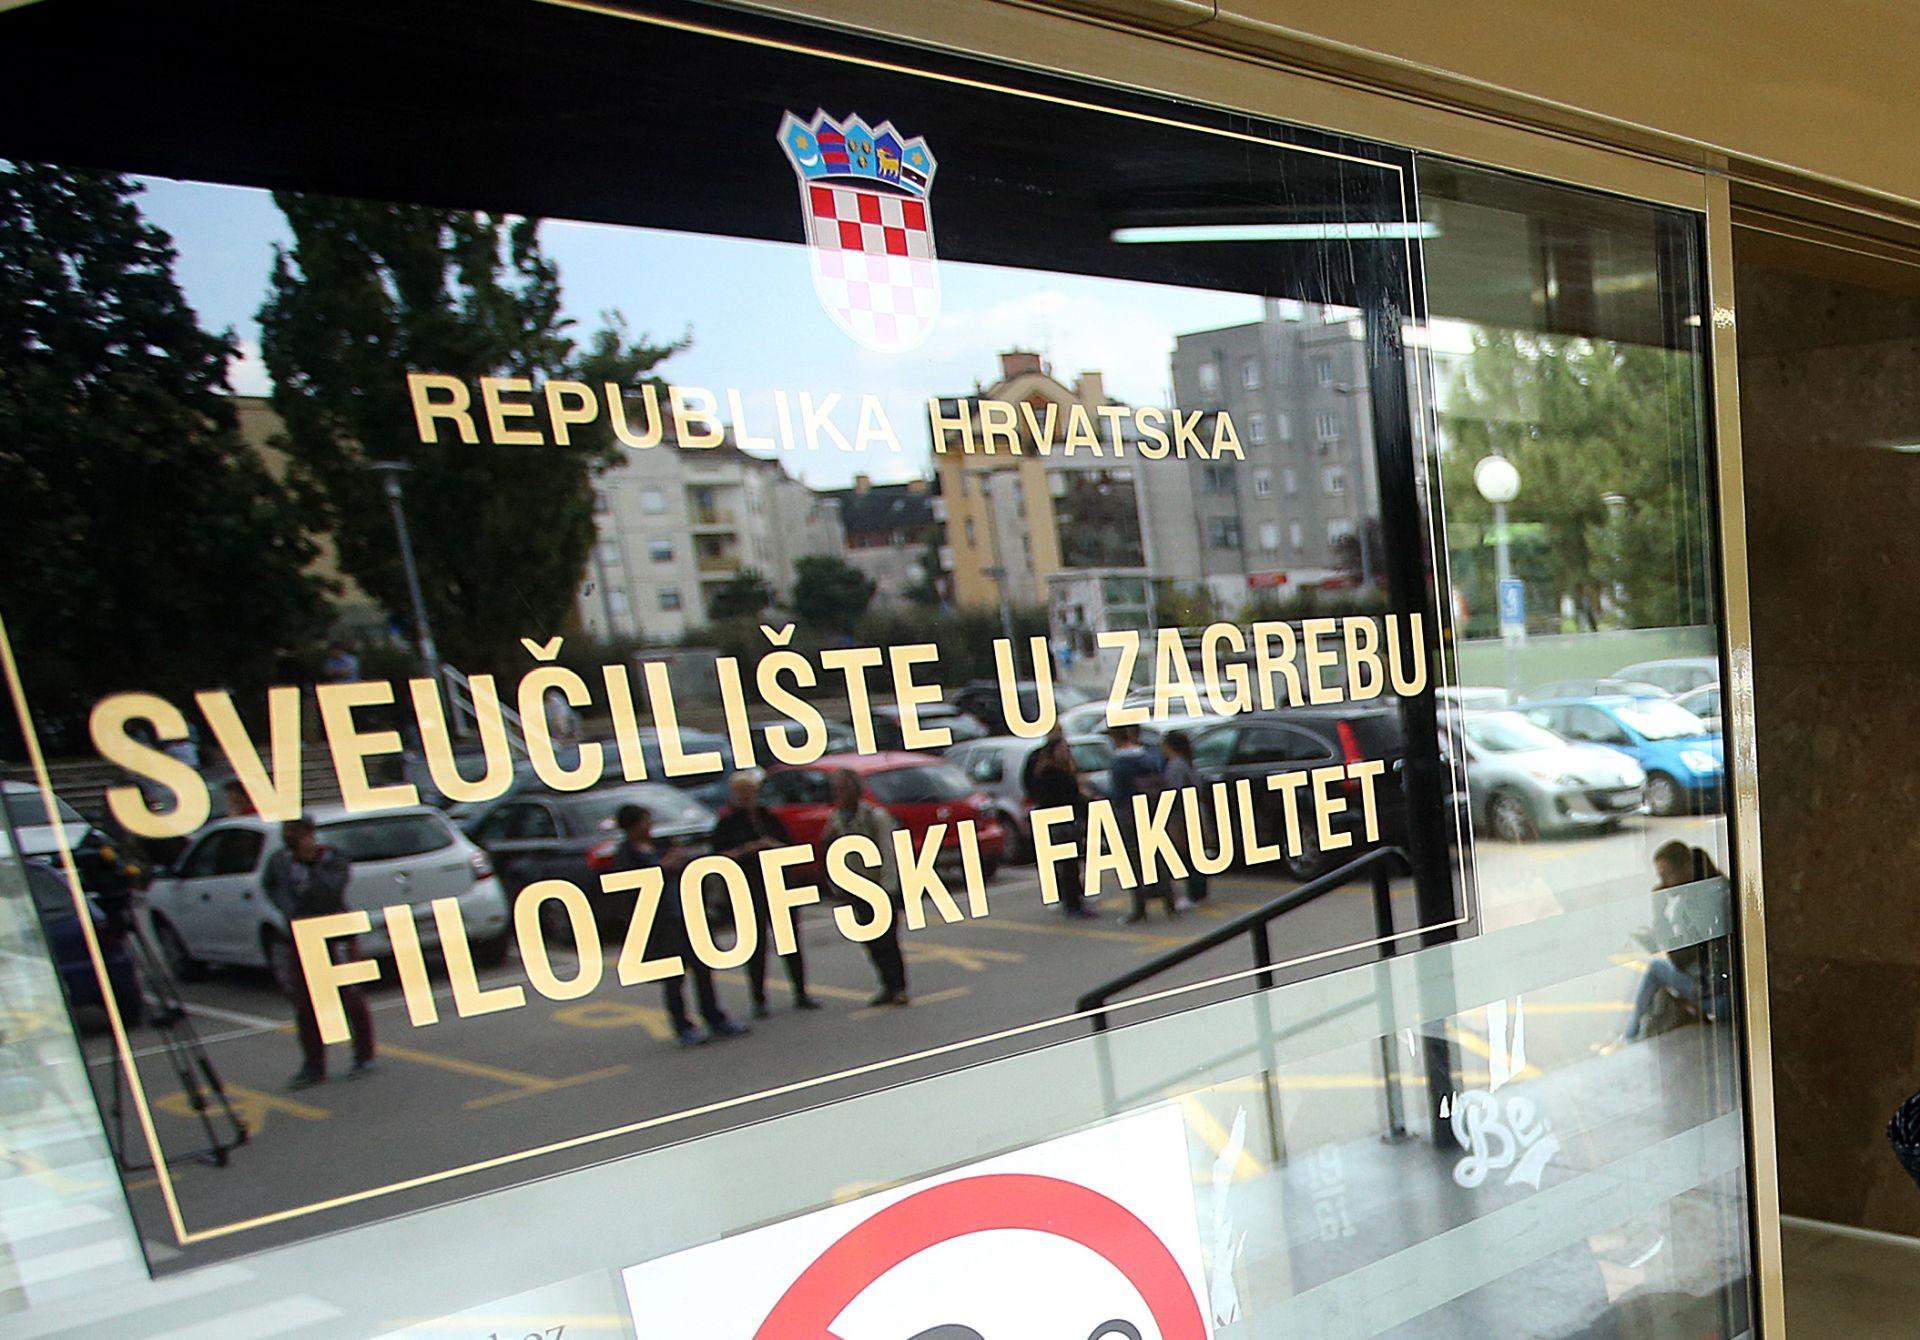 Sokol Marić podnio kaznenu prijavu protiv profesora Filozofskog fakulteta